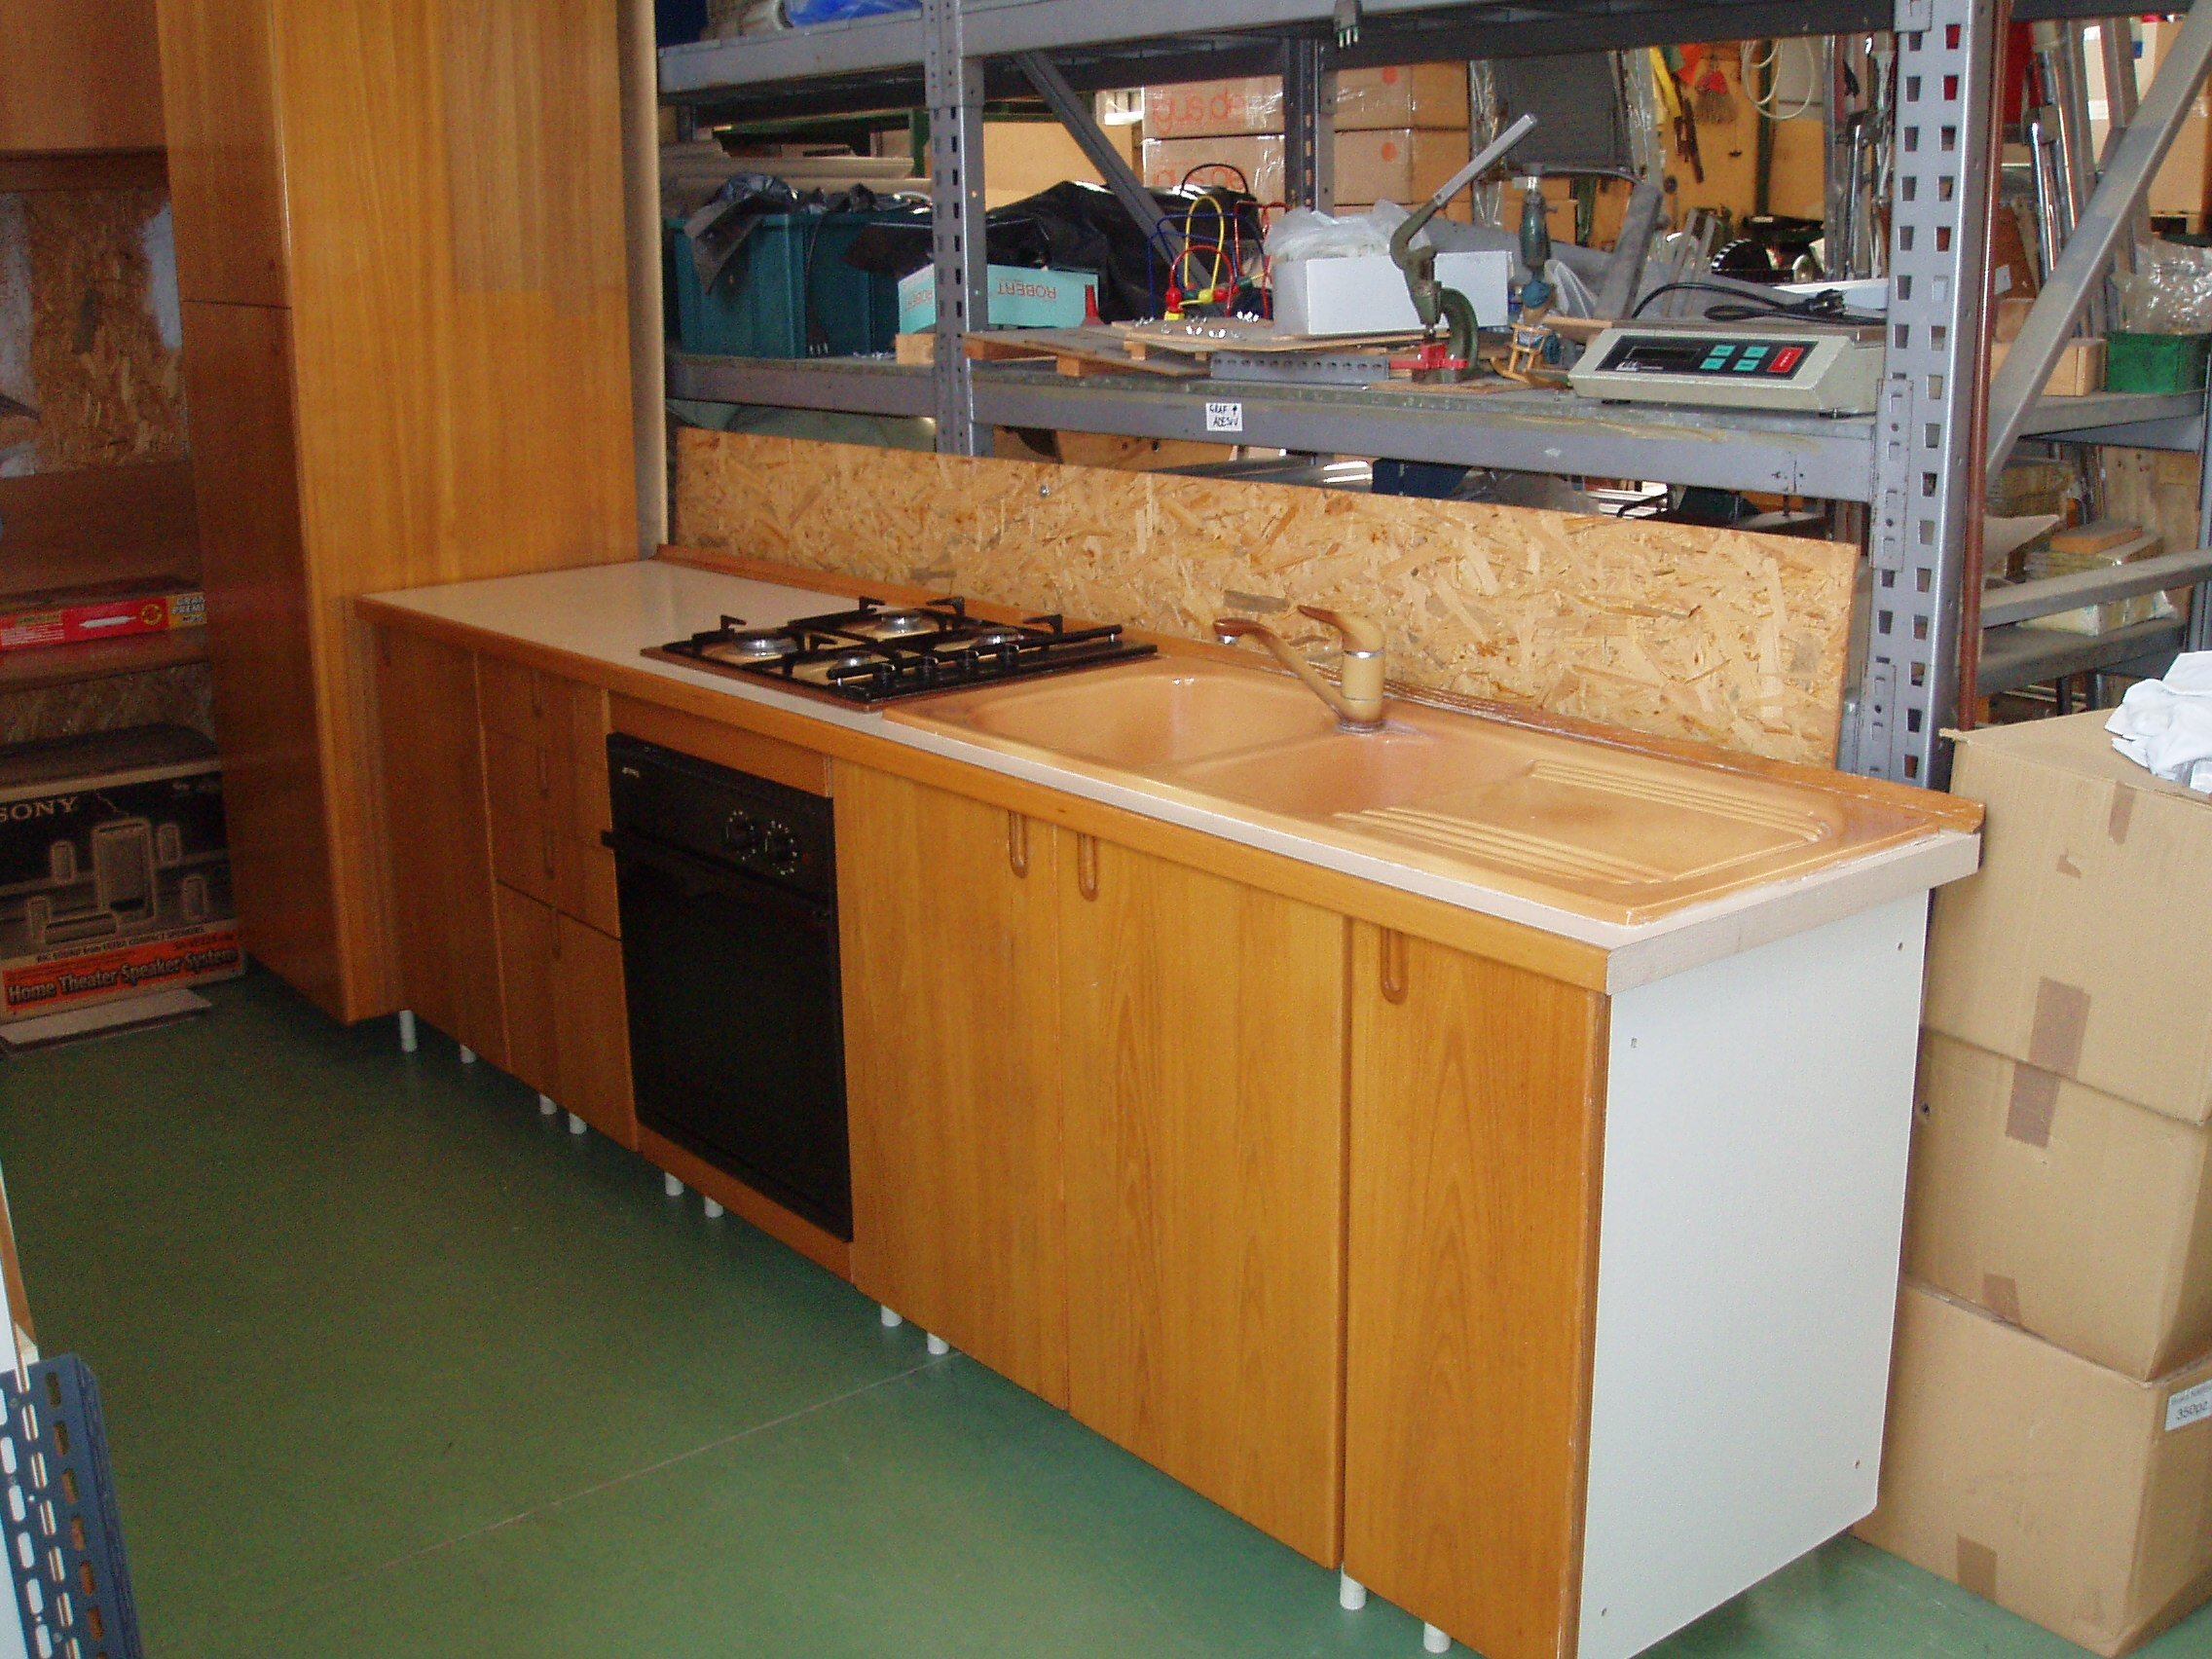 cucina con angolo mobile frigo – Il Tendone solidale mercatino ...